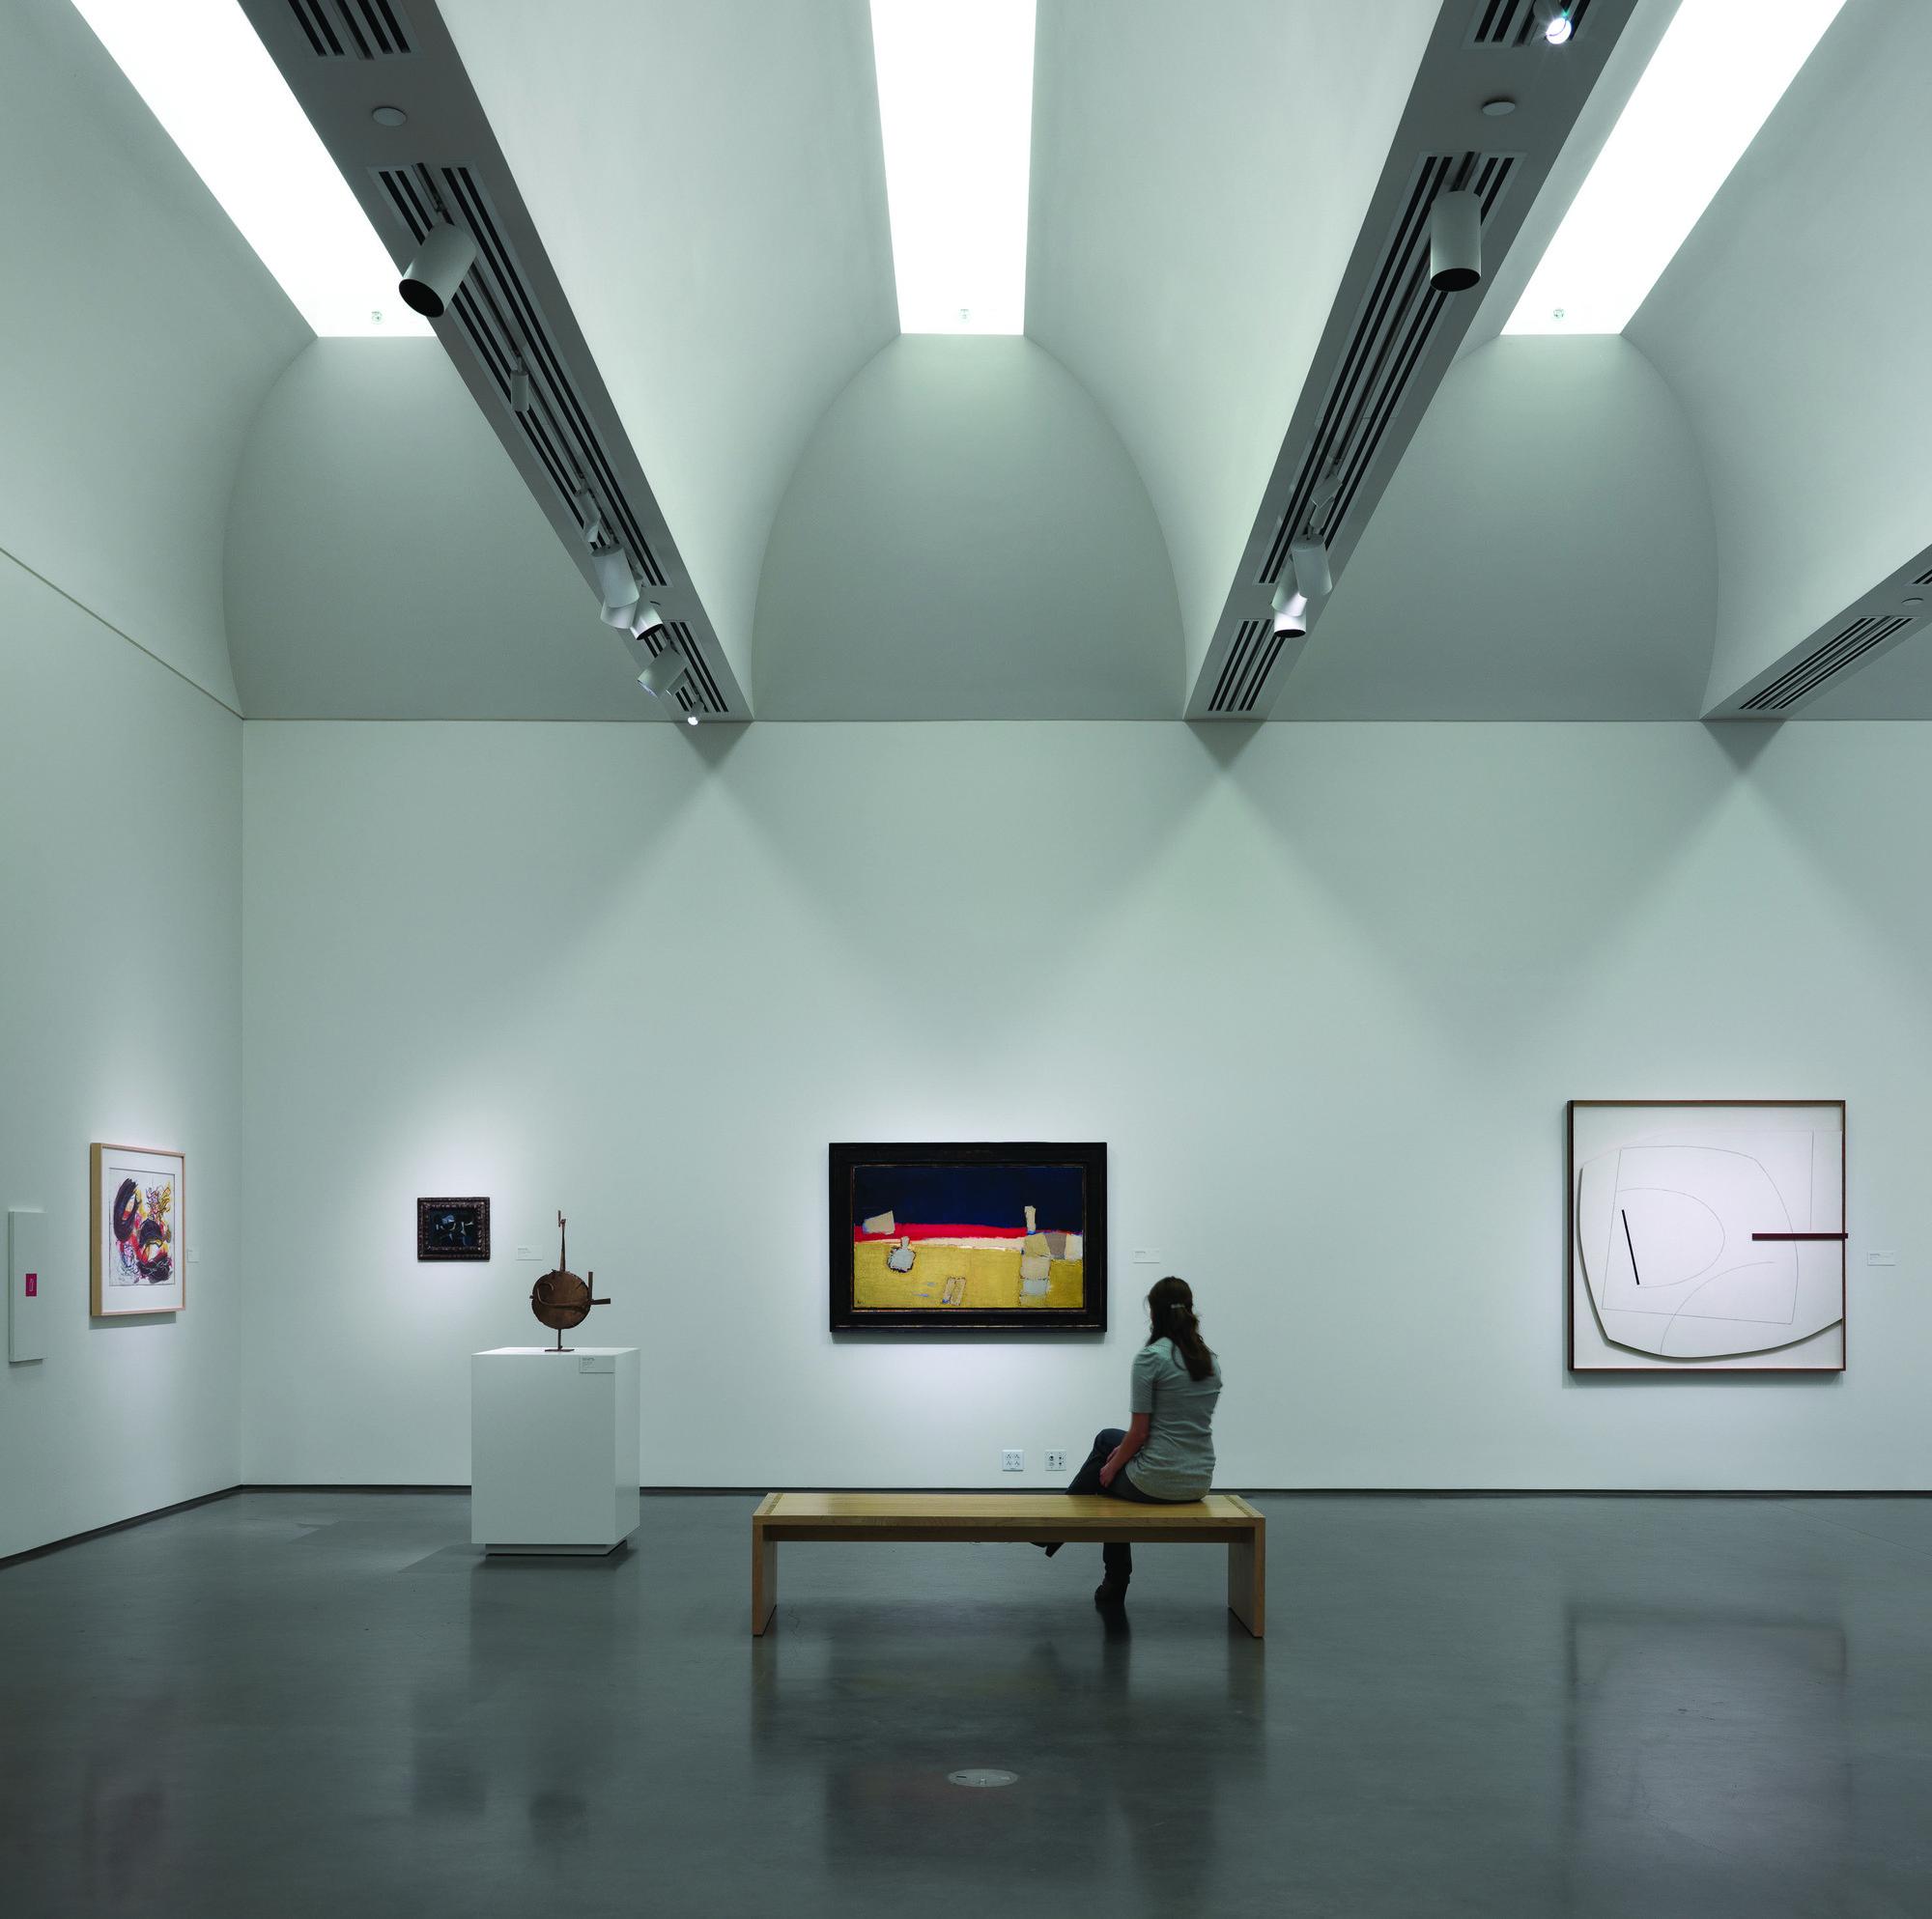 Gallery of Bechtler Museum of Modern Art / Mario Botta - 11